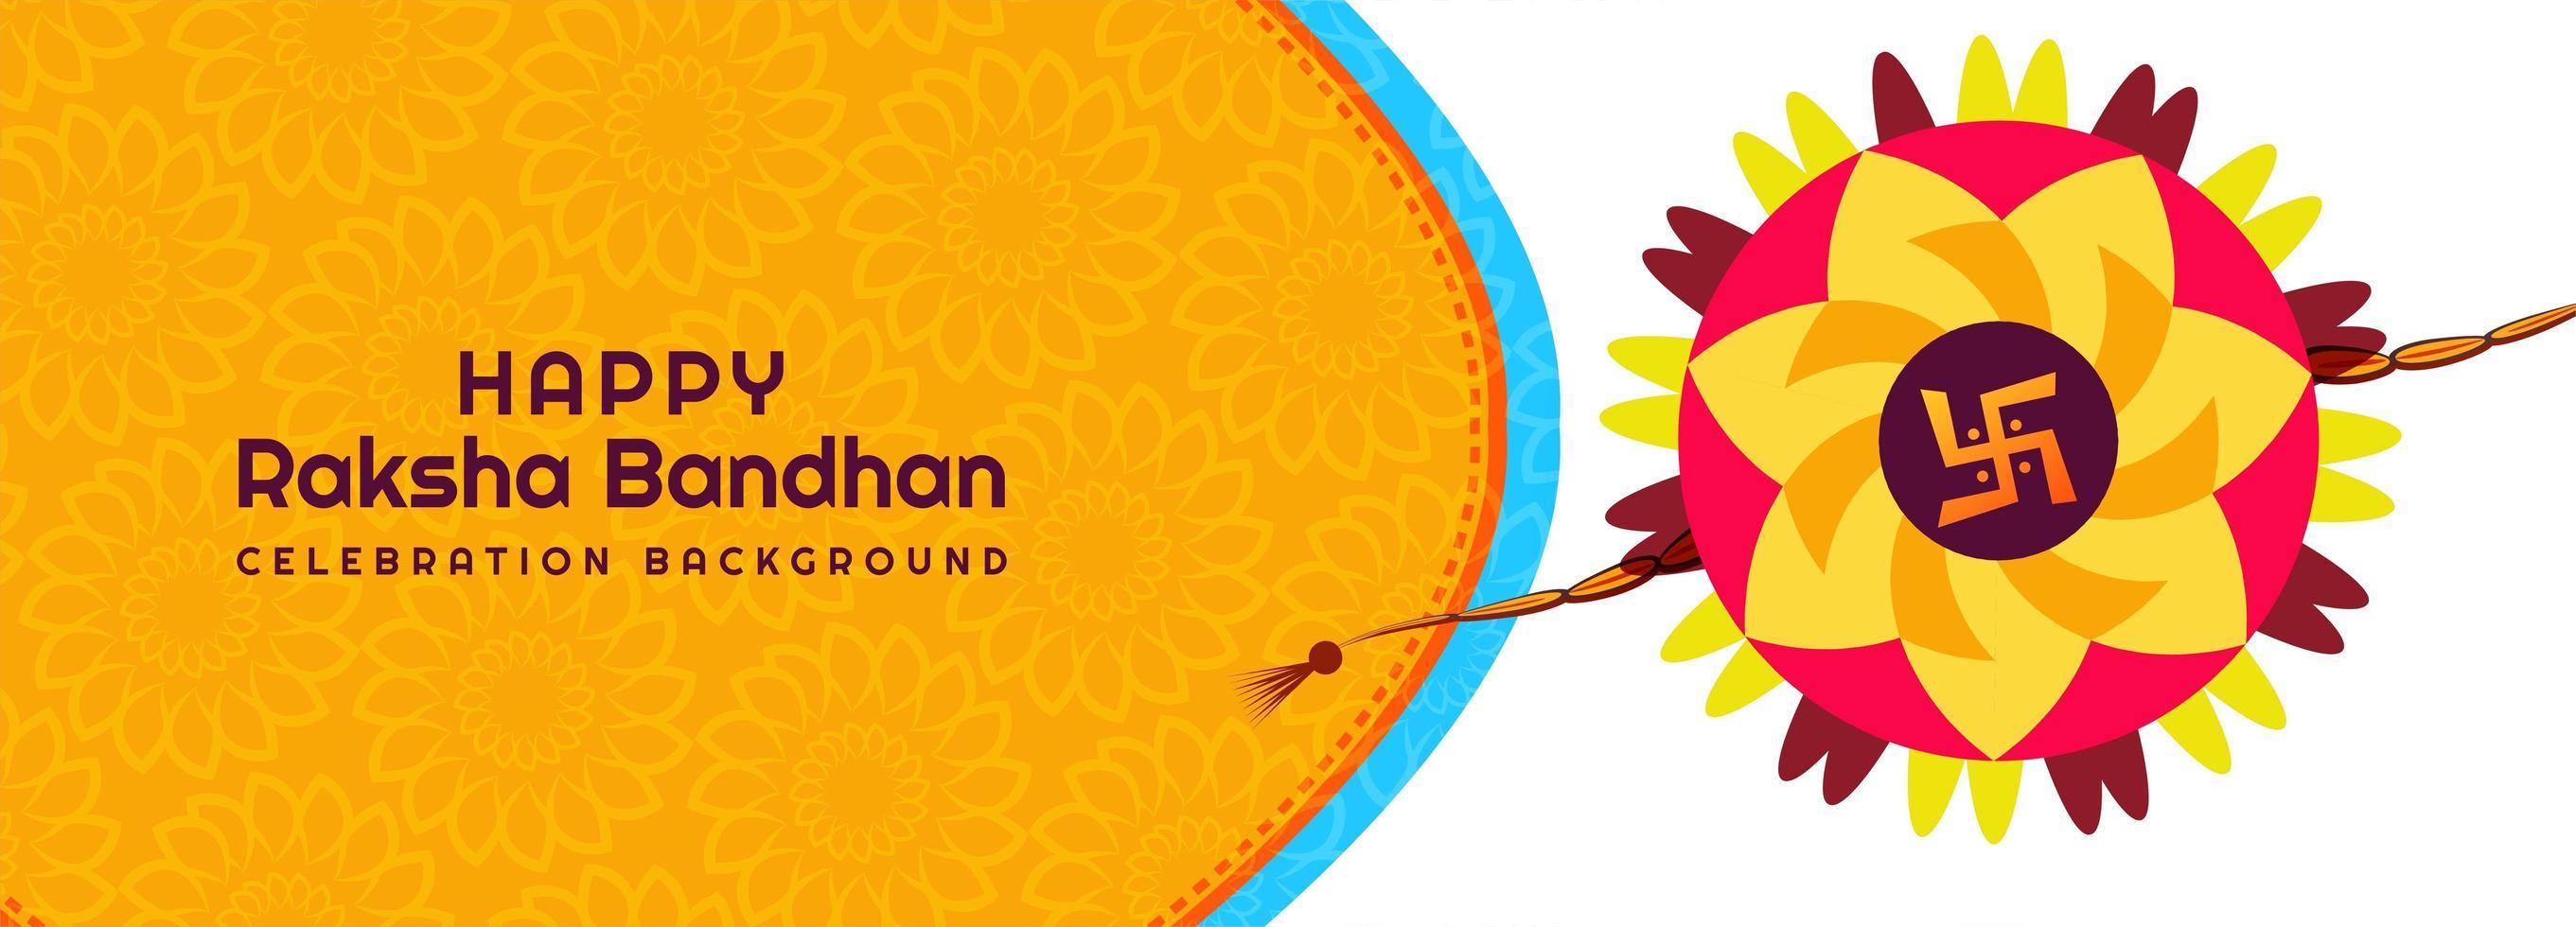 fond de bannière joyeux festival raksha bandhan vecteur